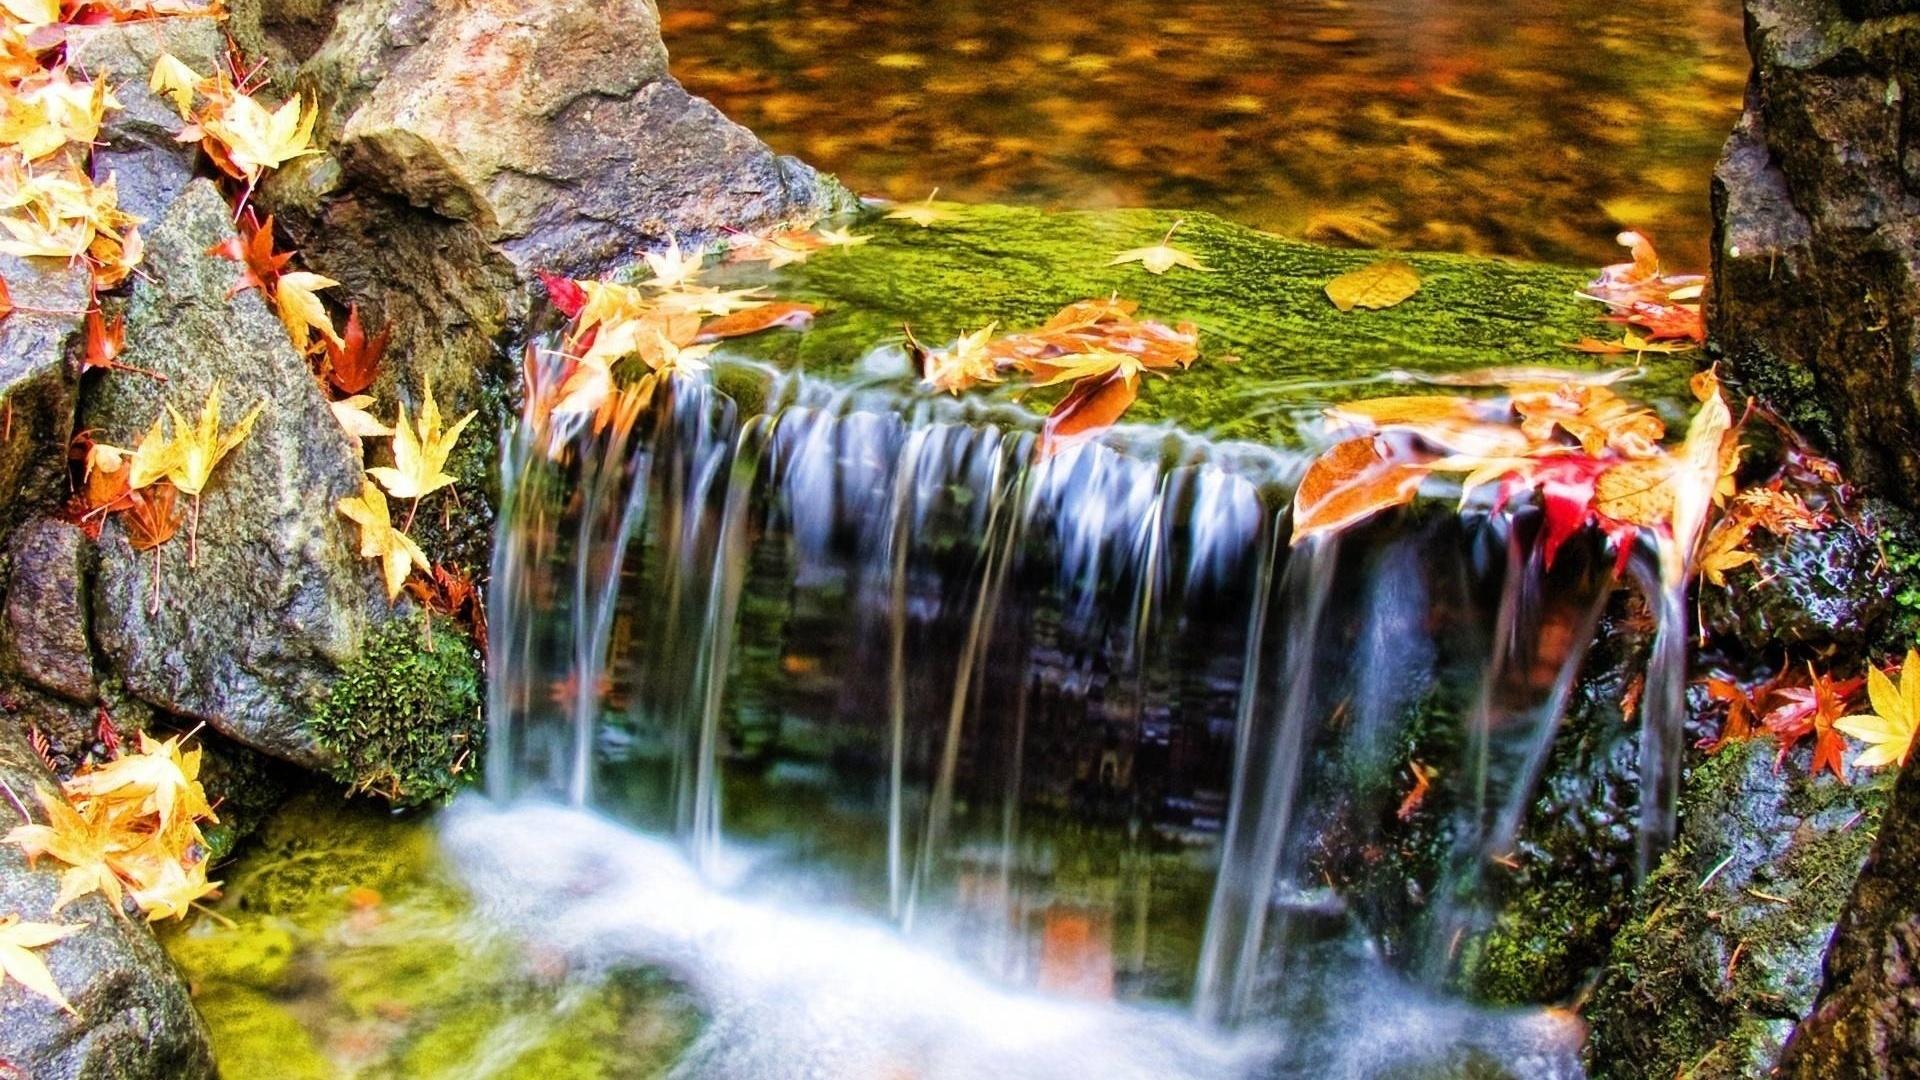 другие доброе утро картинки красивые осенние водопад рассада подрастет